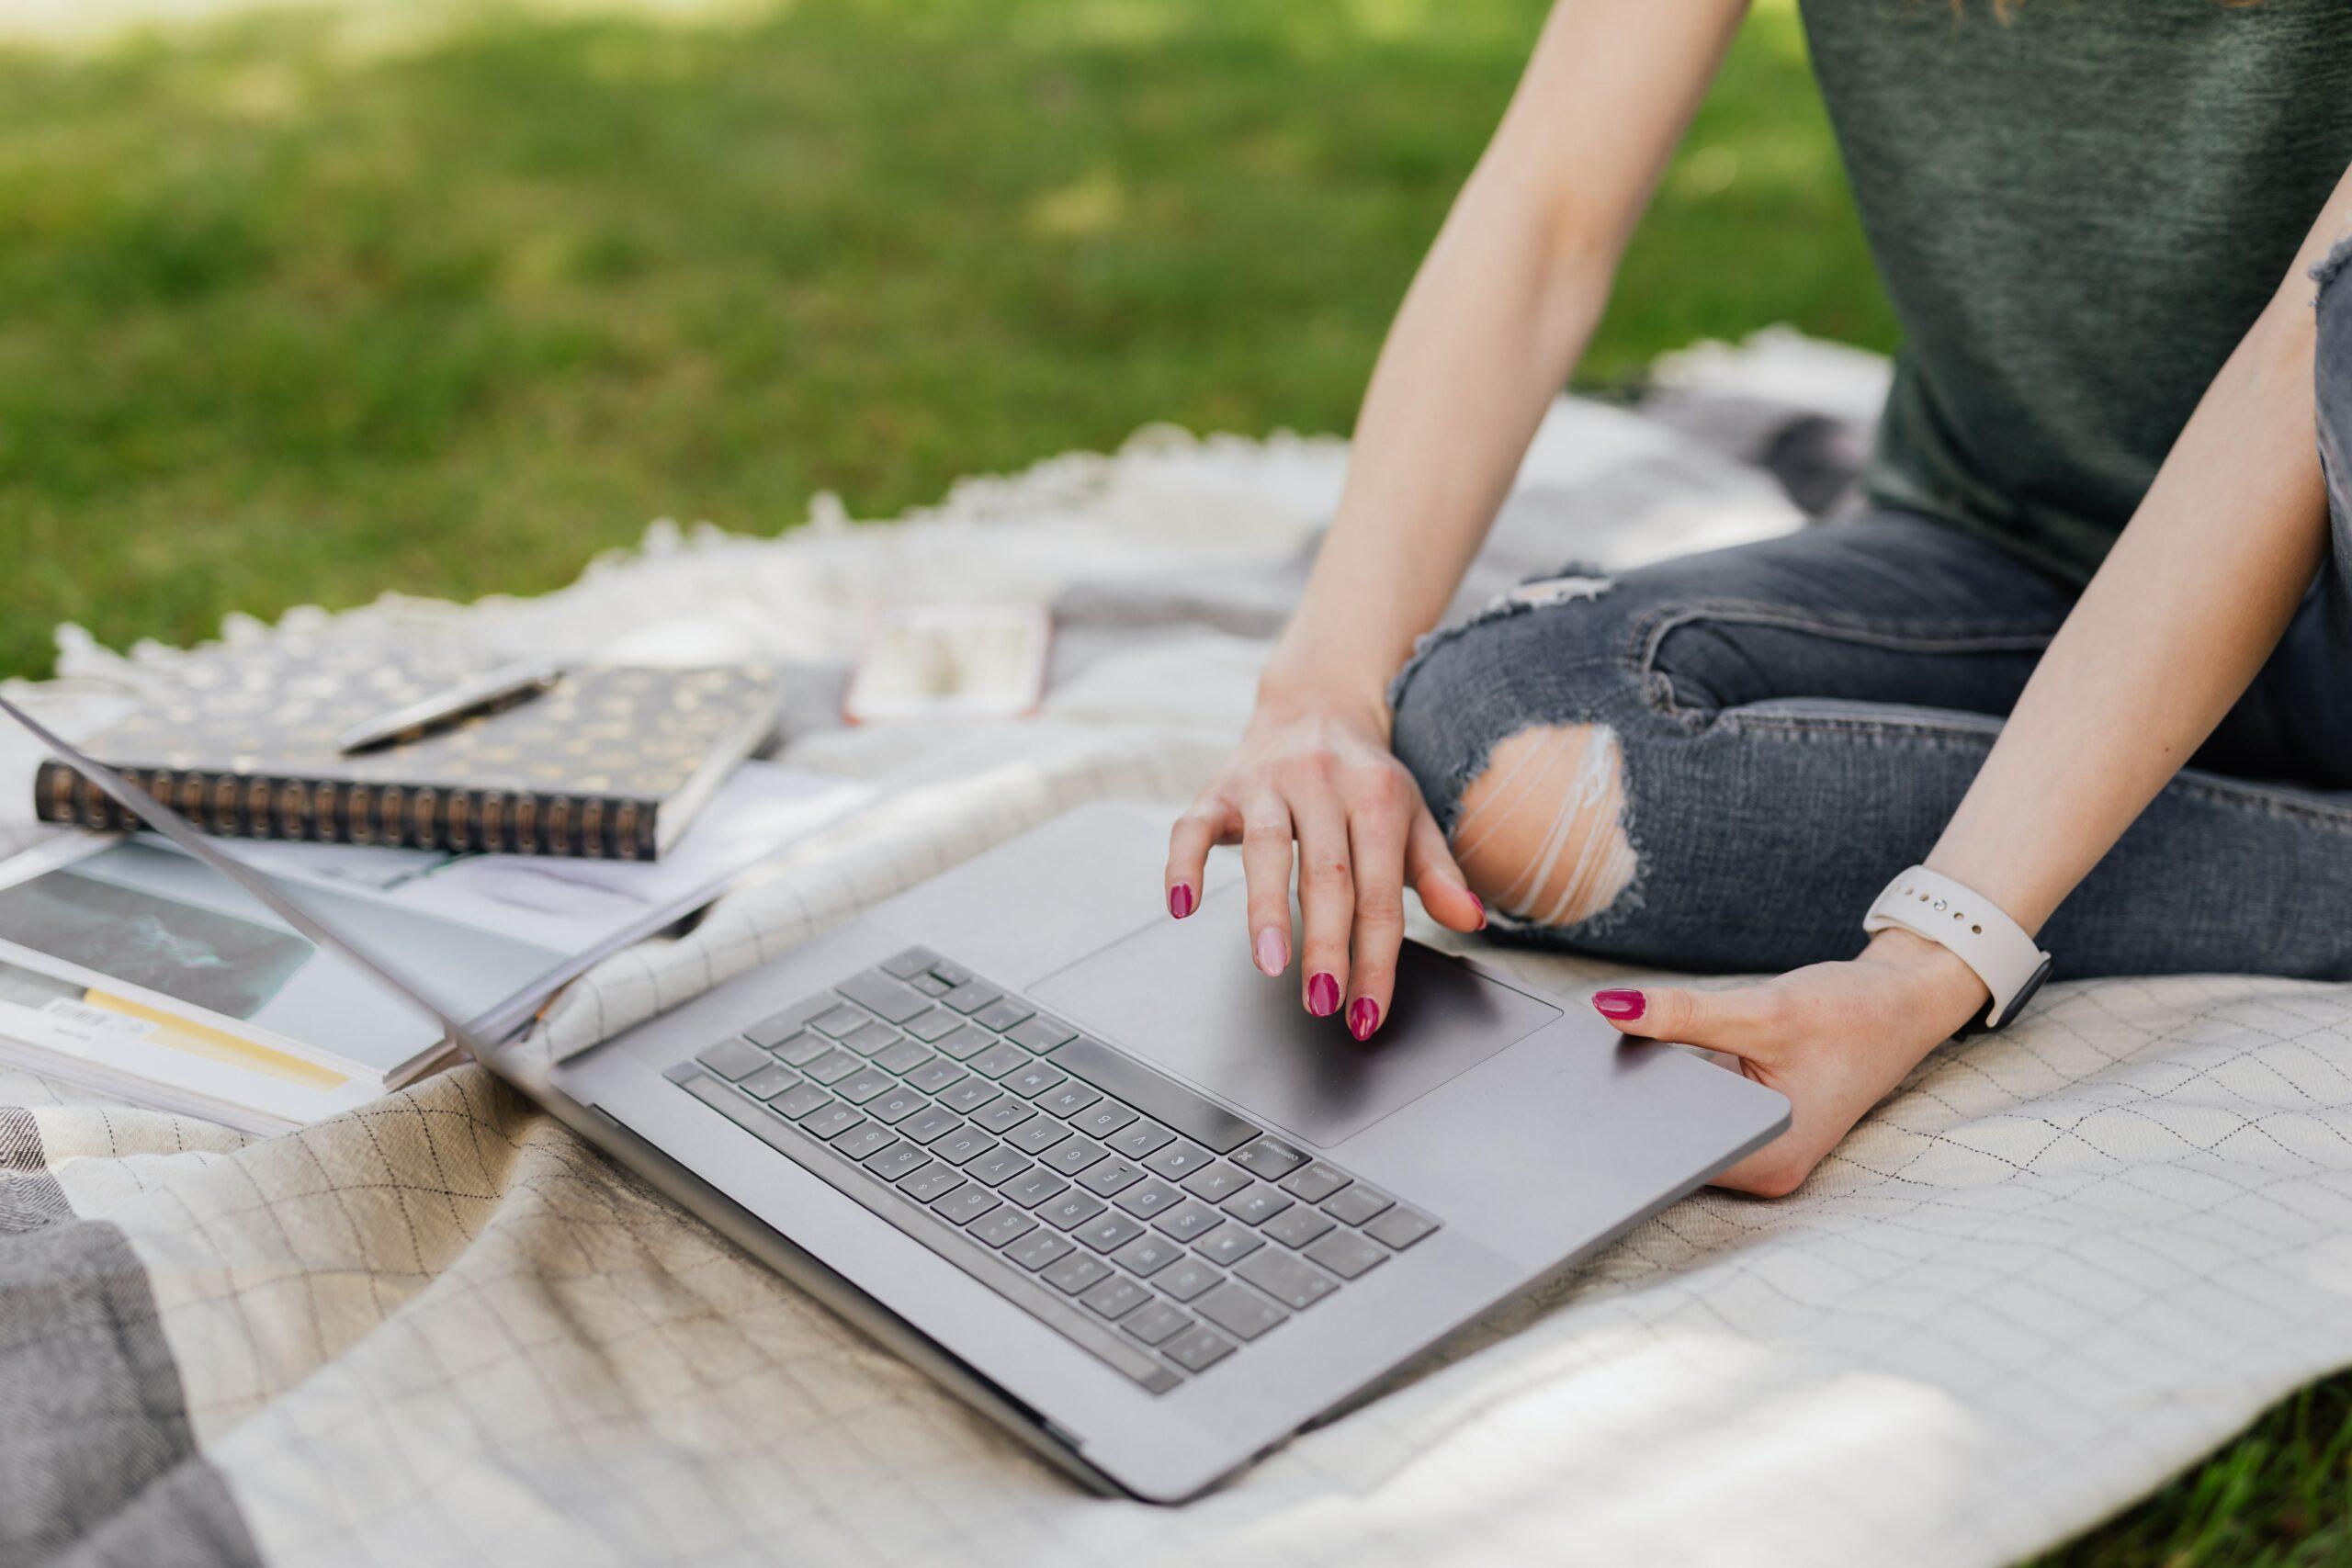 Frau sitzt im Park auf einer Decke mit ihrem Laptop